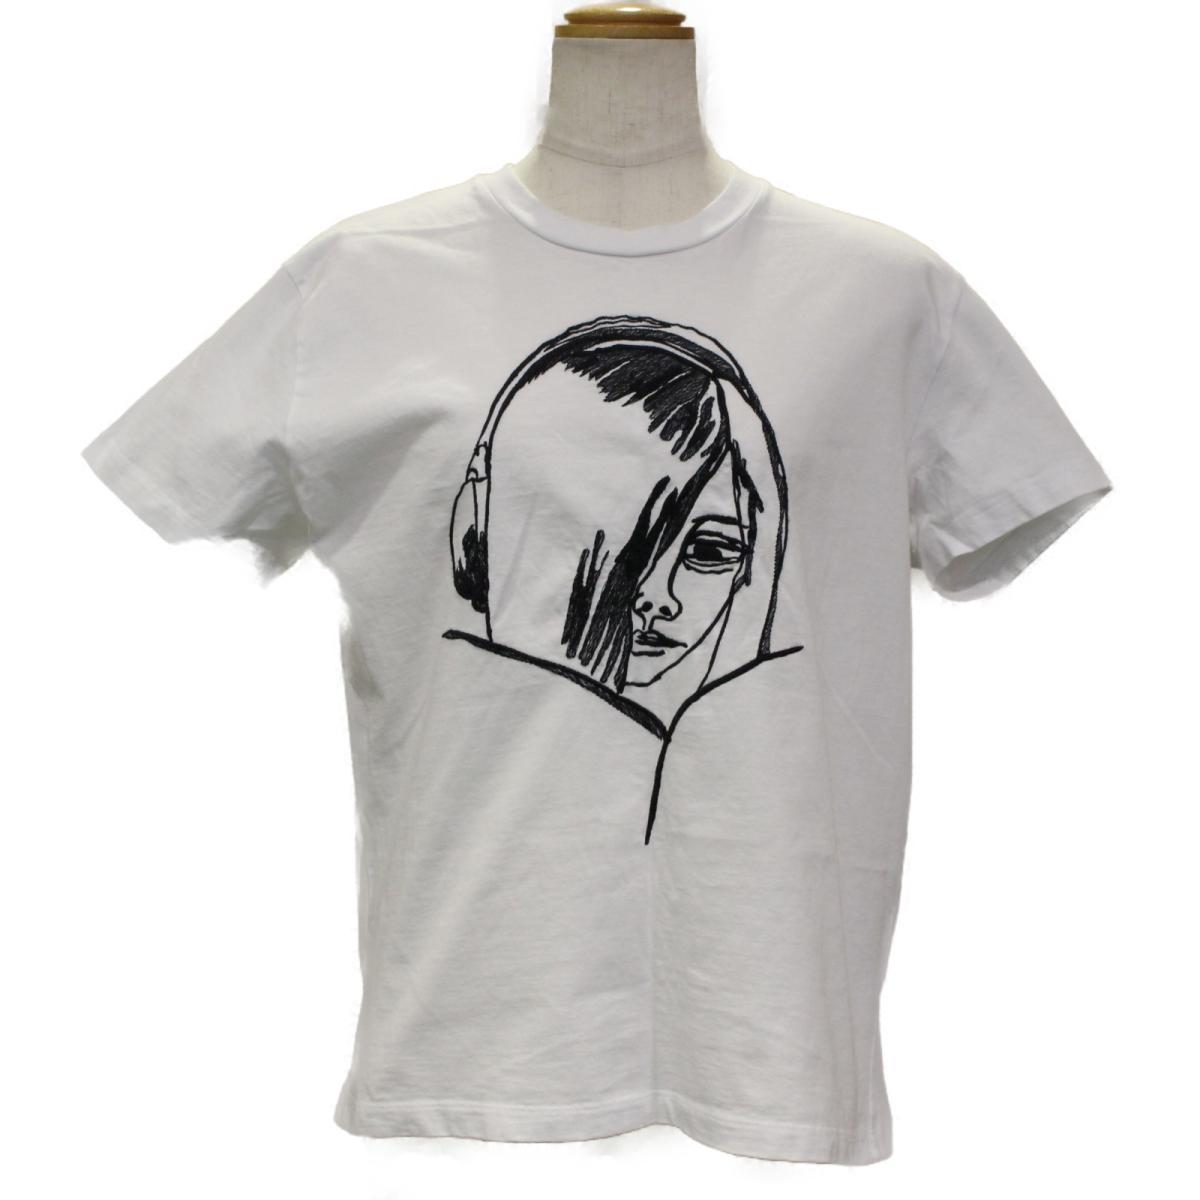 【中古】 エミリオ・プッチ Tシャツ レディース コットン100% ホワイト | EMILIO PUCCI BRANDOFF ブランドオフ 衣料品 衣類 ブランド トップス シャツ カットソー